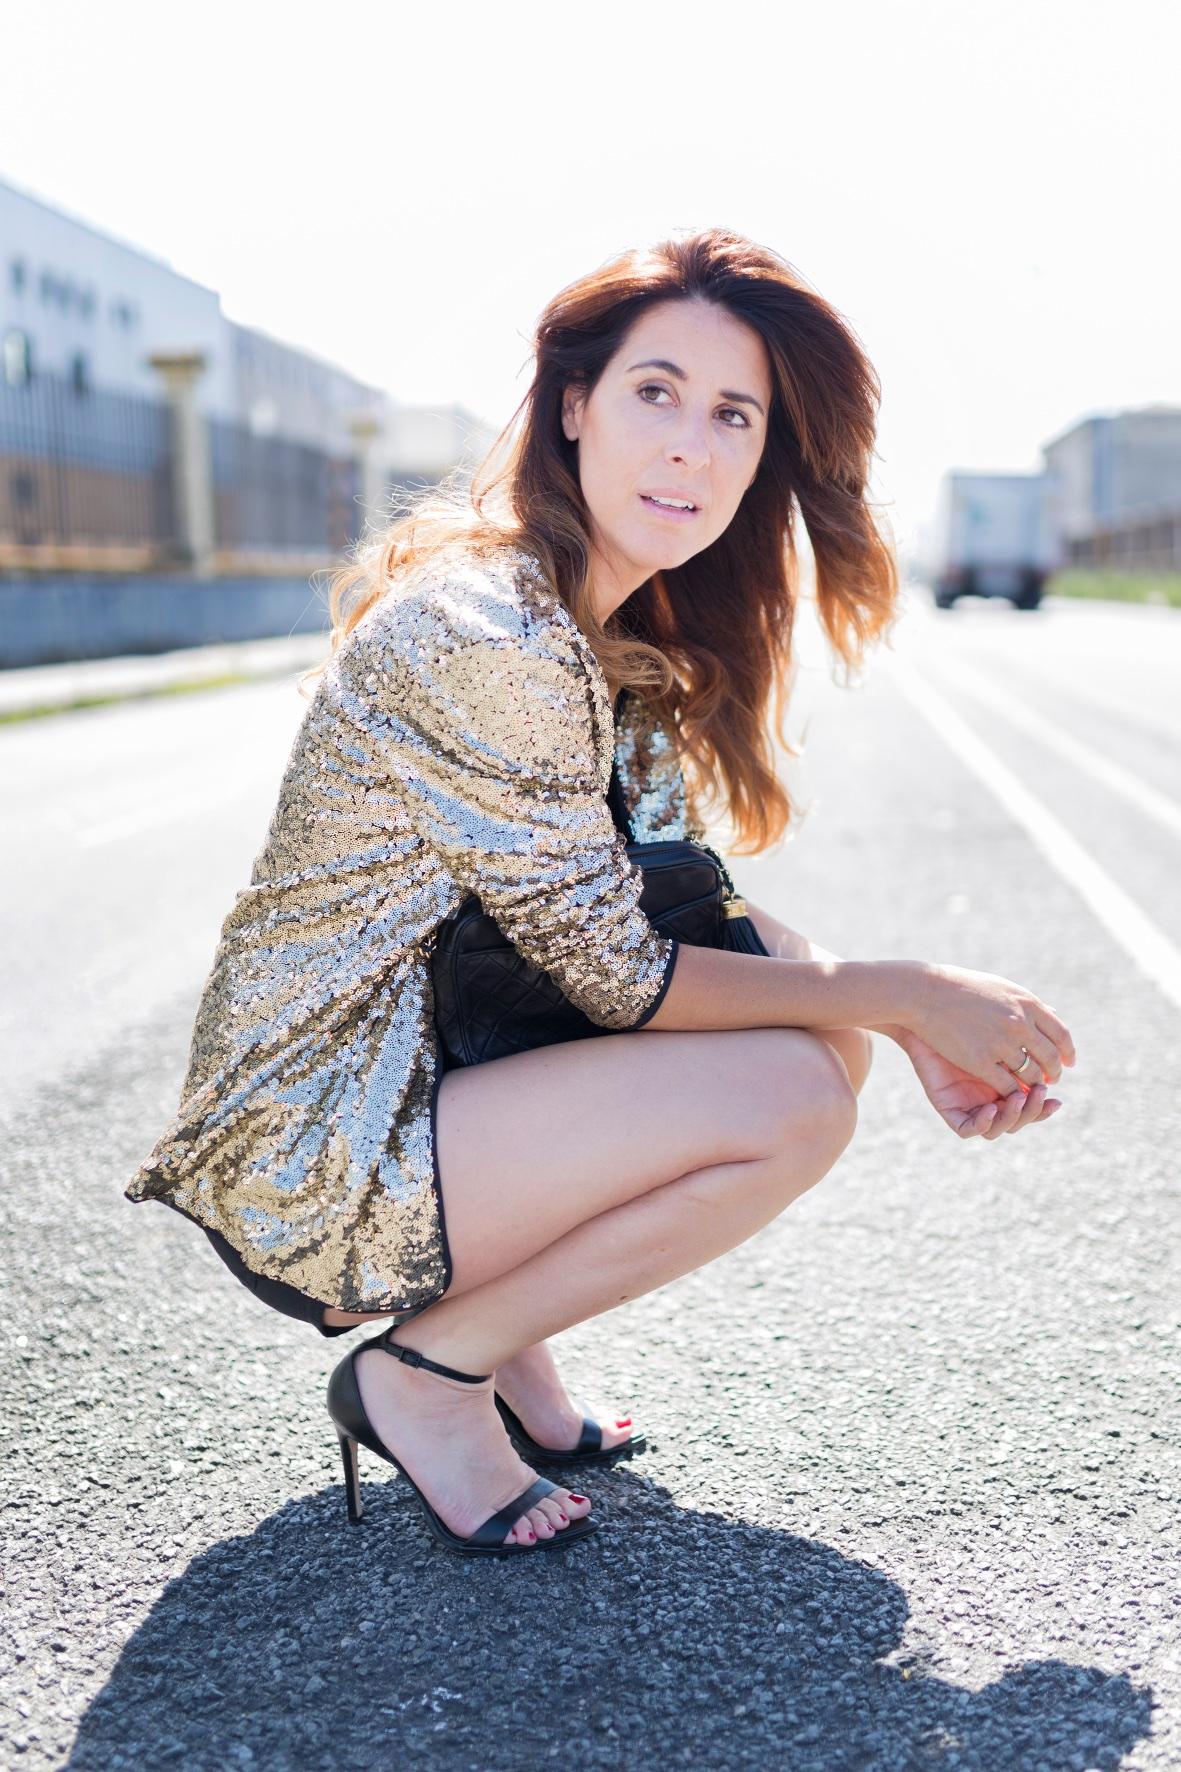 Sequined Coat- SHEIN-cazadora lentejuelas- fashion- blogger-style- sytreetstyle-chanel-coruña-descalzaporelparque- alba cuesta- look- style- ootd